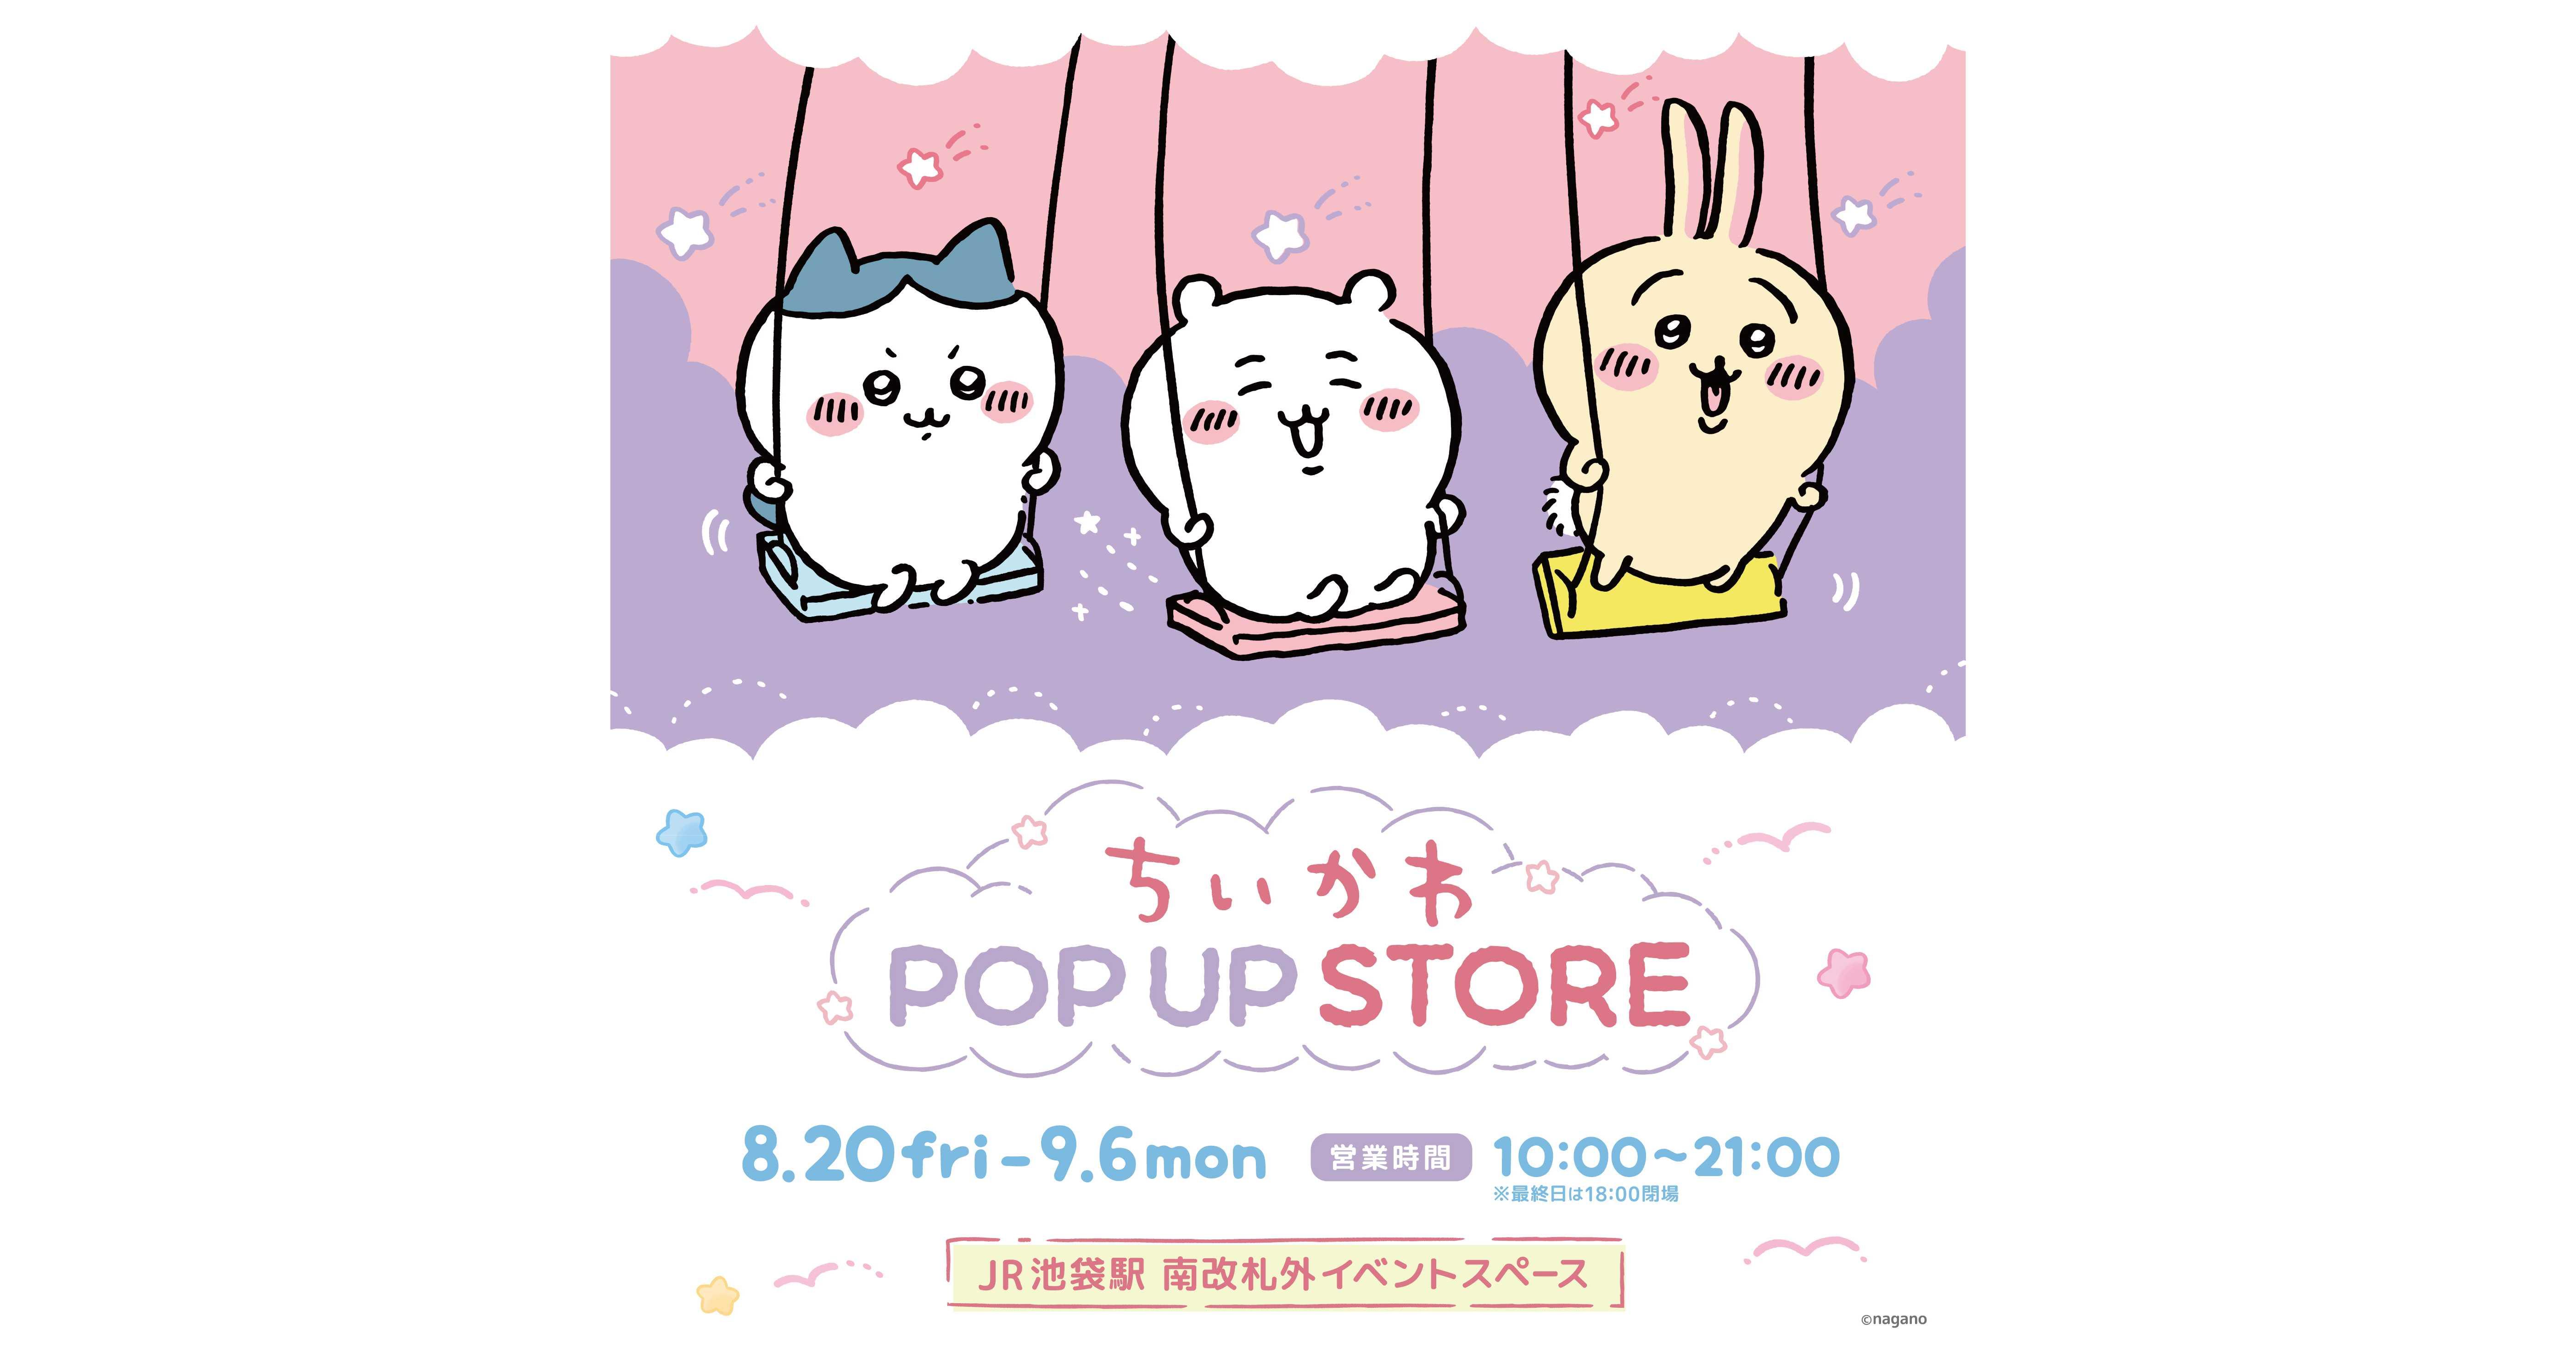 ちいかわ POP UP STORE1